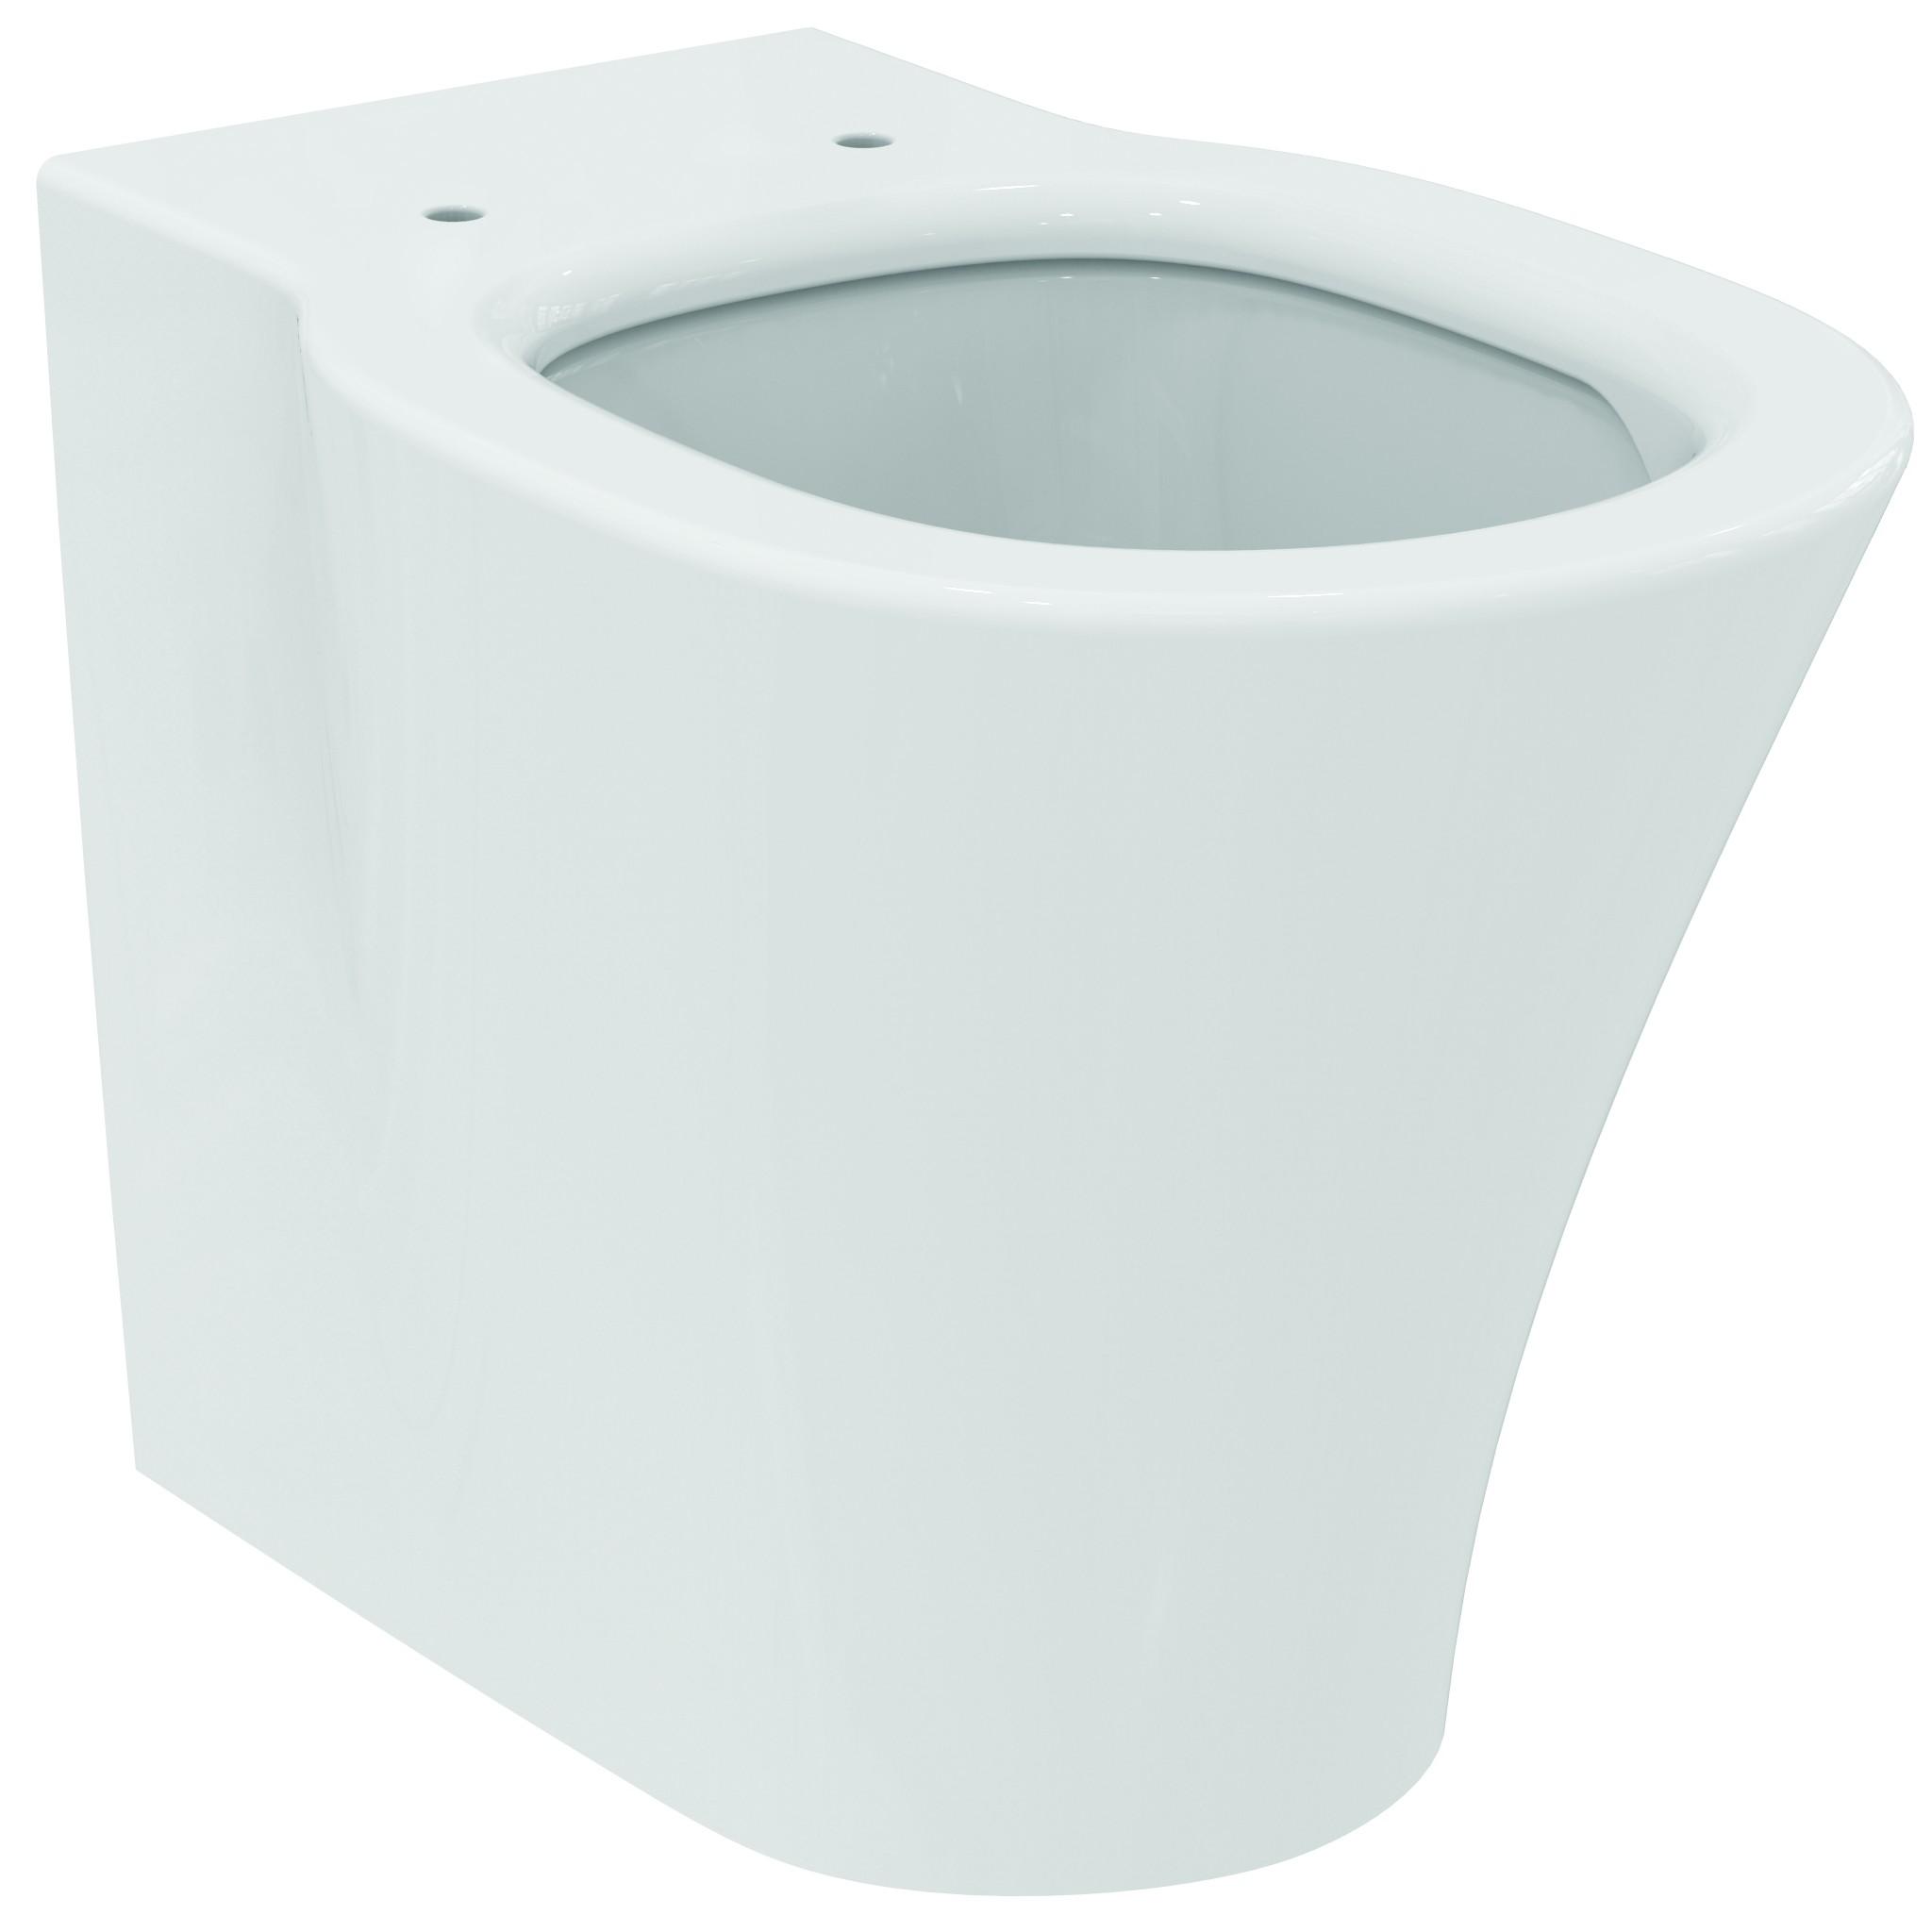 Vas WC Ideal Standard Connect Air AquaBlade back-to-wall pentru rezervor ingropat